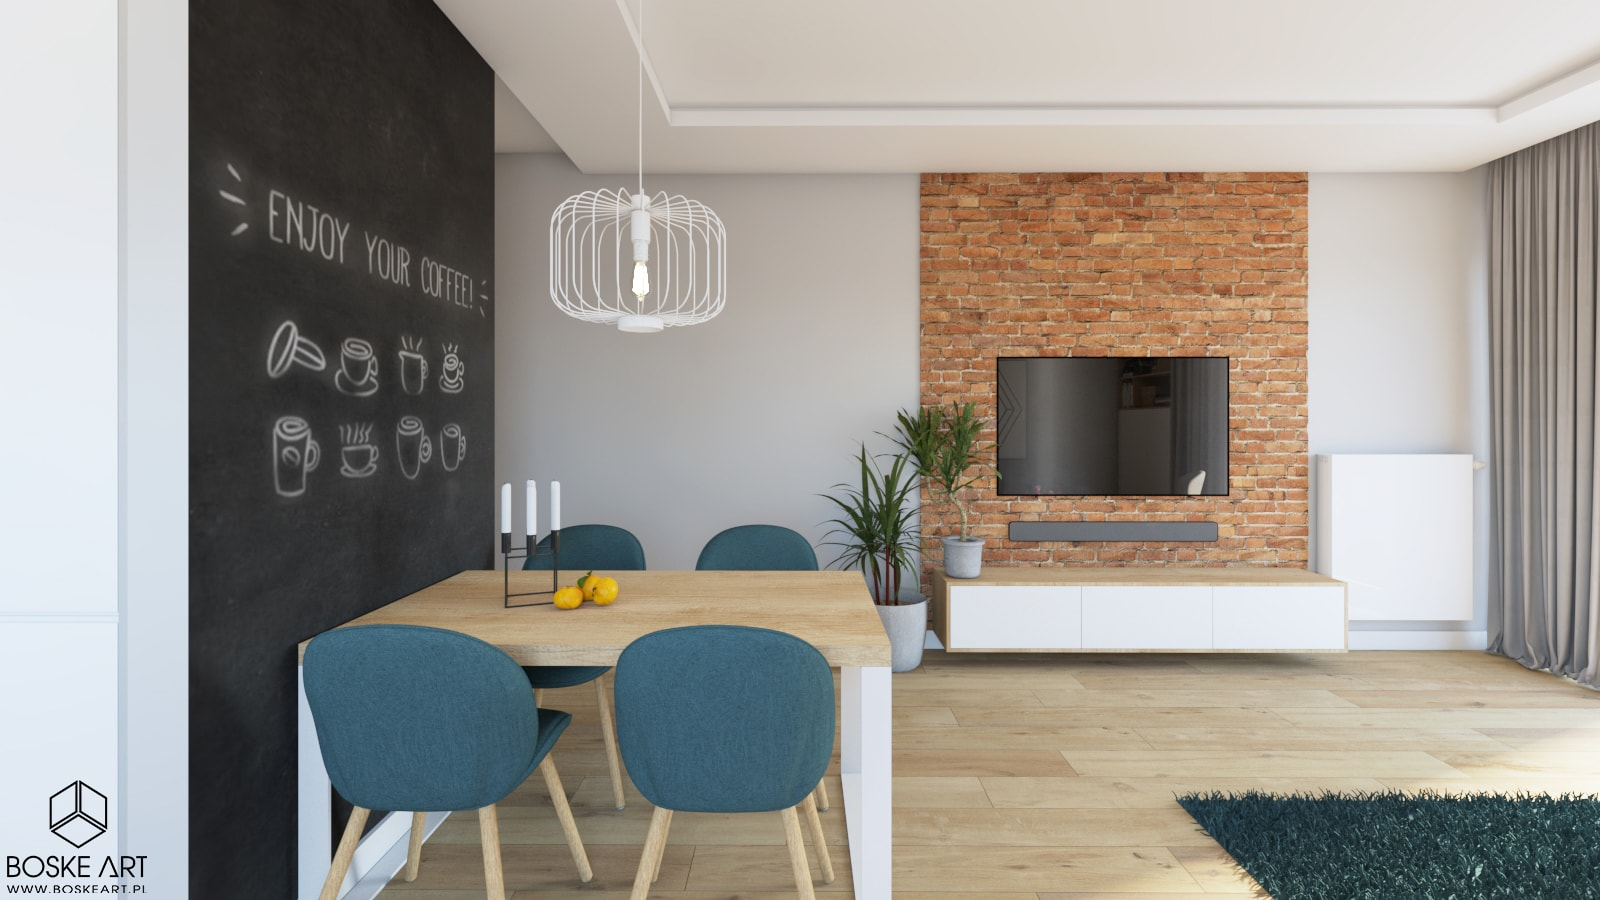 9_projekt_mieszkania_poznan_projektowanie_wnetrz_architektura_boske_art_natalia_robaszkiweicz-min